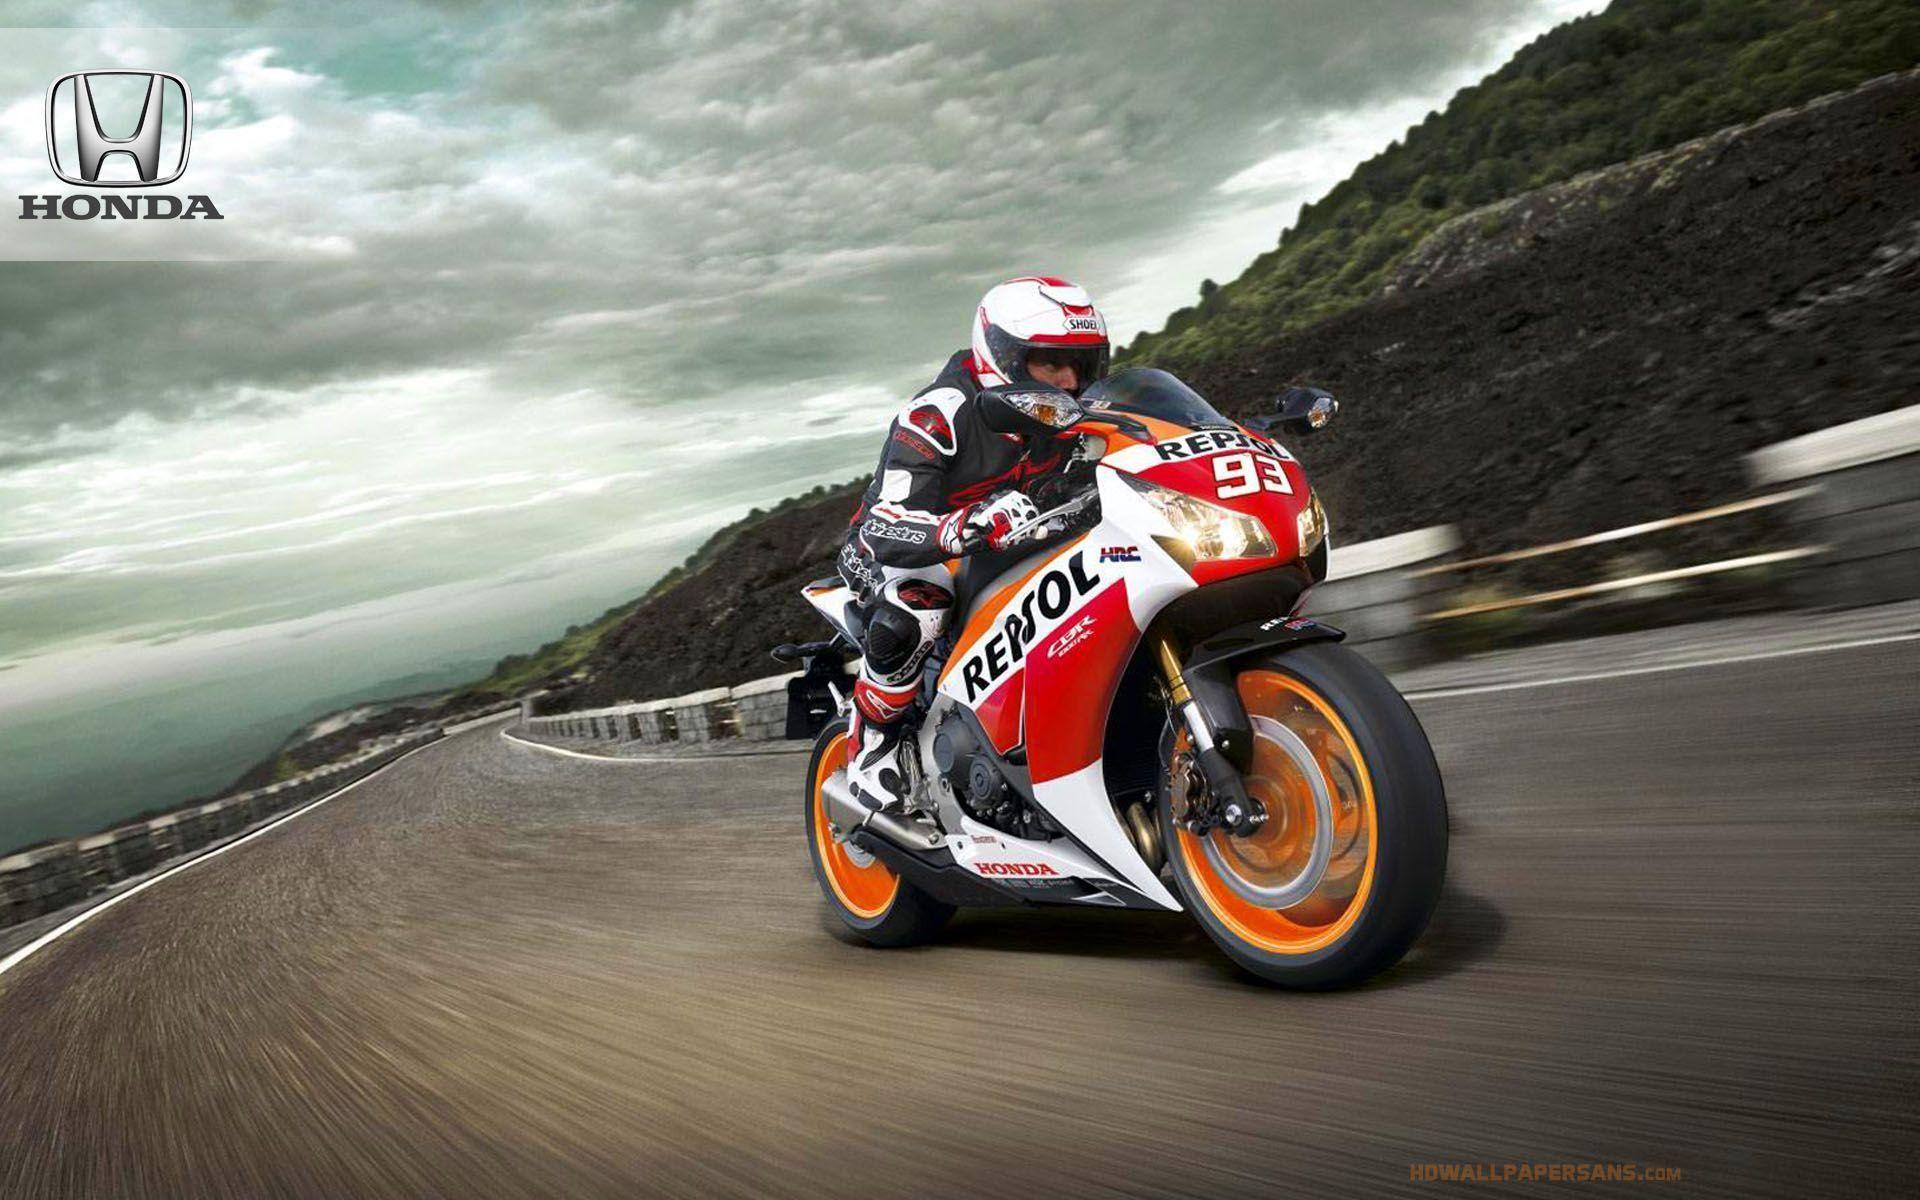 Res: 1920x1200, Honda CBR1000RR SP 2015 Repsol Edition wallpaper - HD Wallpaper Rate